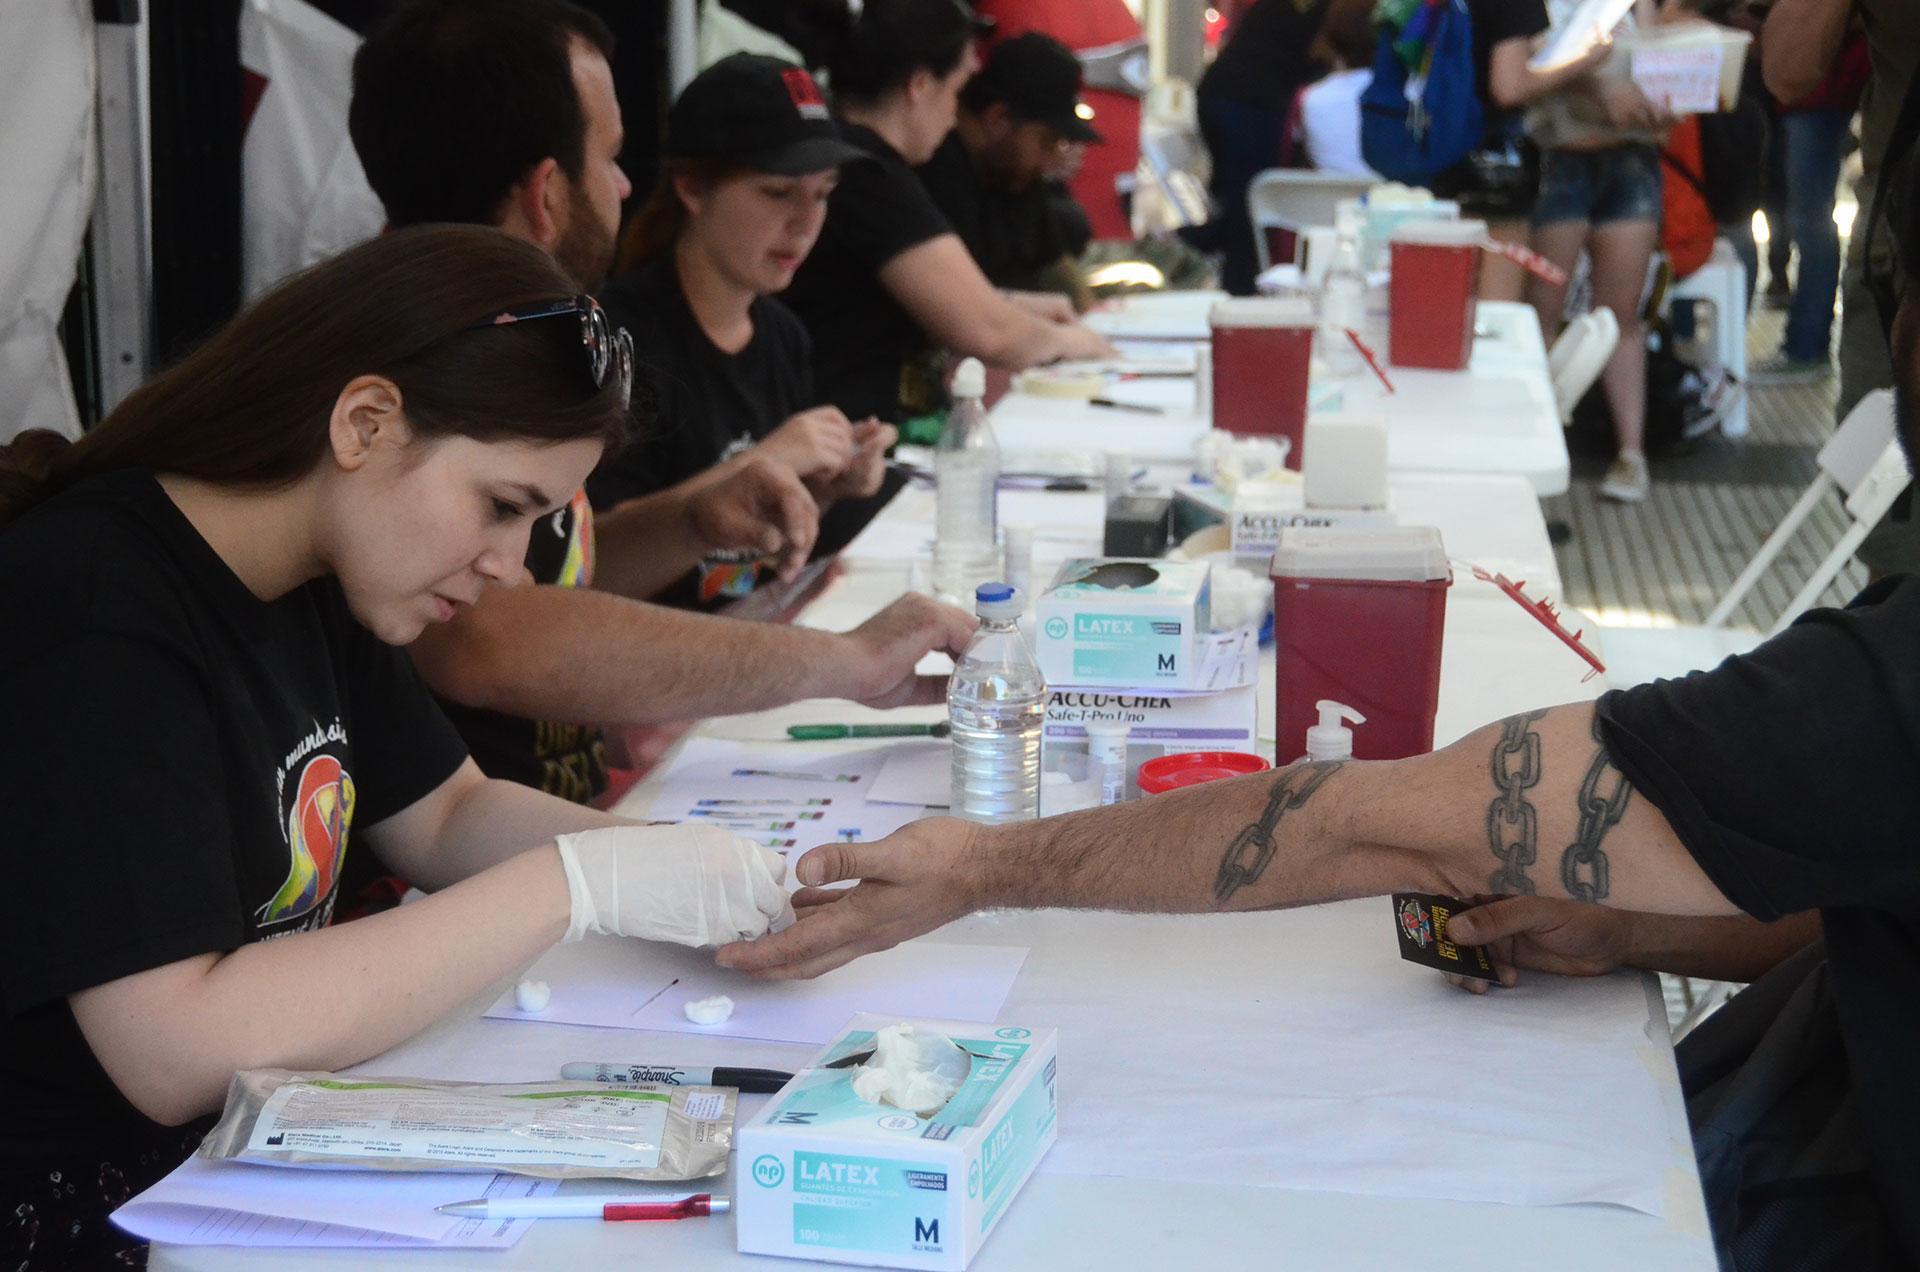 El evento tiene como fin concientizar sobre la problemática del HIV/Sida y las formas de cuidarse en la contracción de la enfermedad